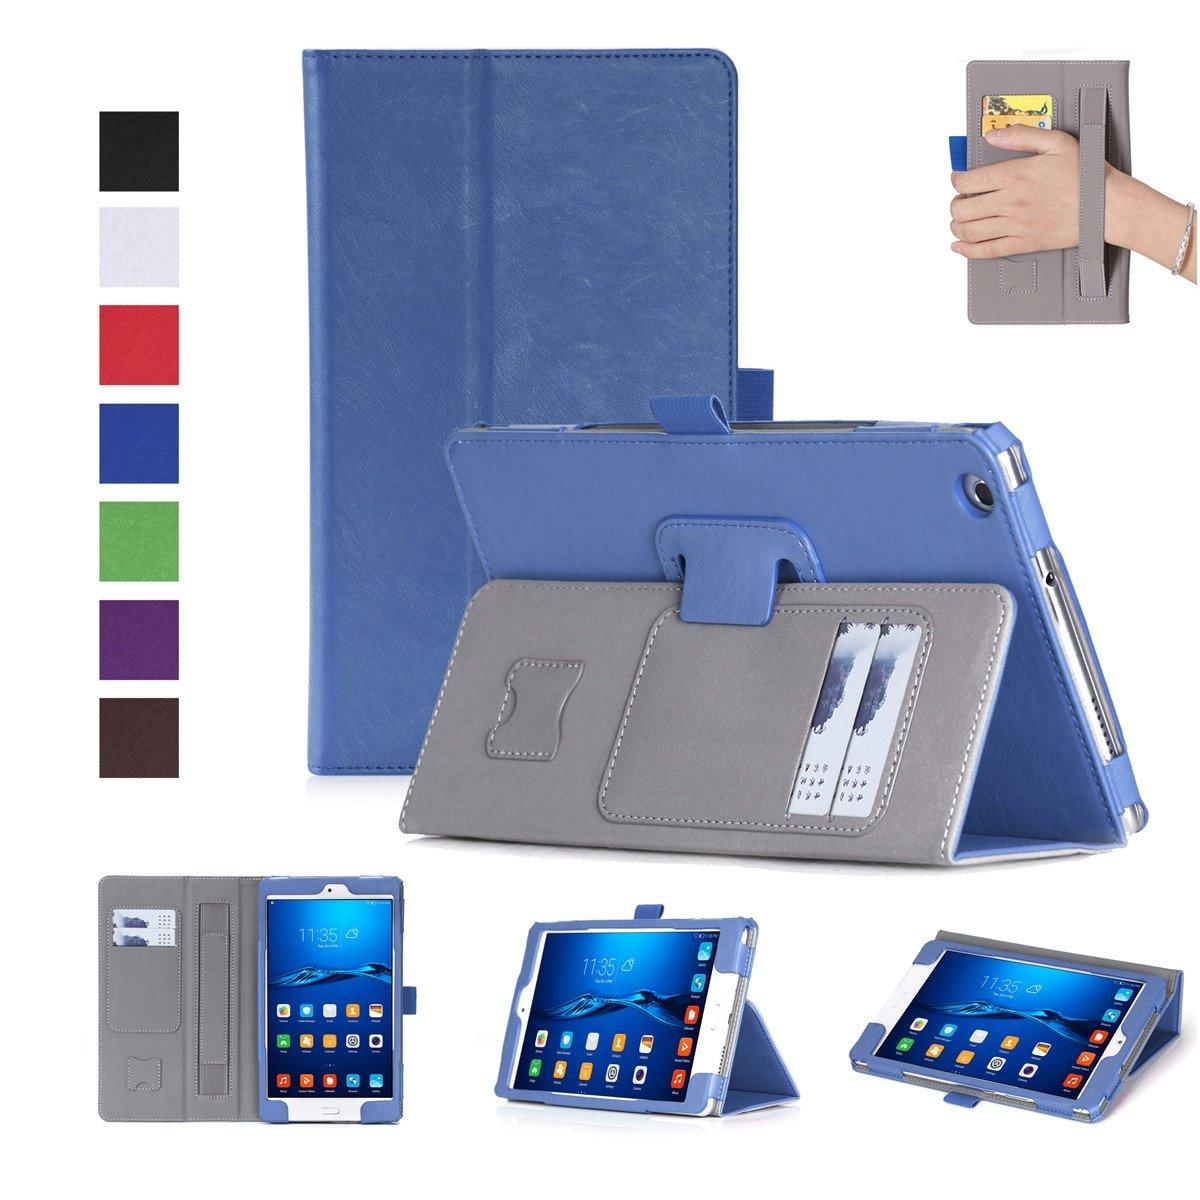 FugouSell Huawei MediaPad M3 Lite 8.0ケース プレミアムPUレザー[フリップスタンド] スリム財布ケース フルボディ保護カバー Huawei MediaPad M3 Lite 8.0用 (ブルー)   B07LCGCYBL